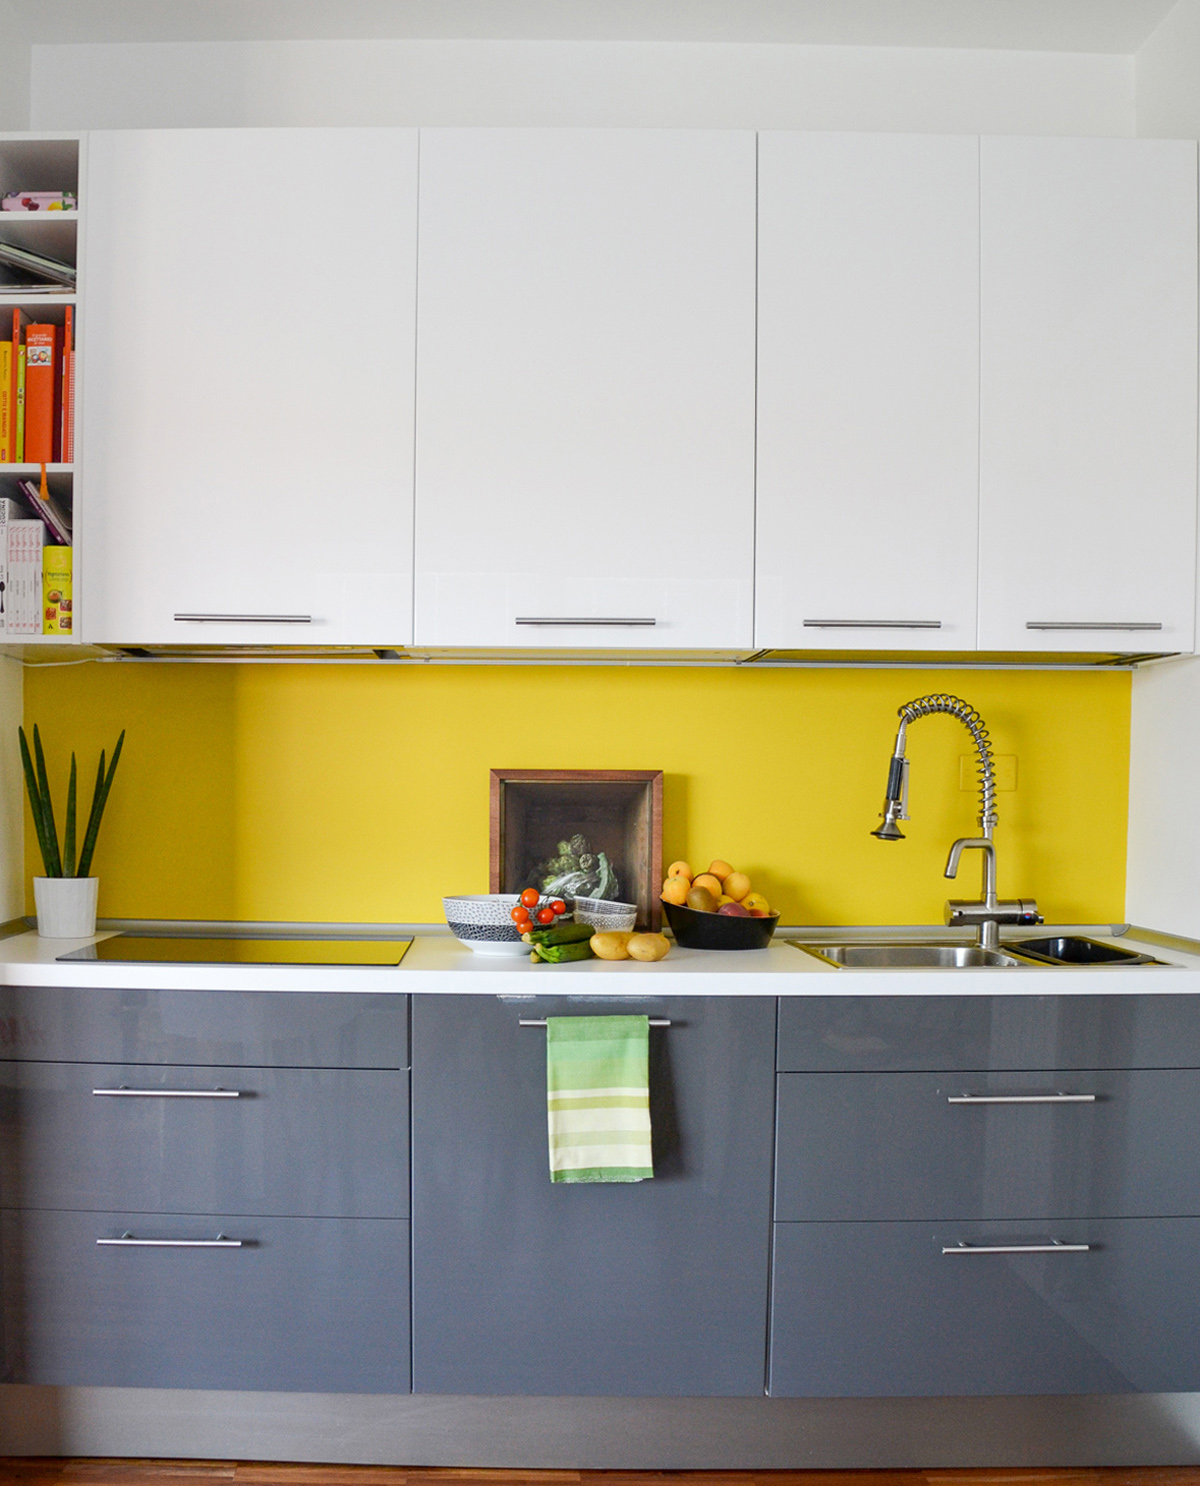 Mensole Legno Cucina Ikea niente pensili: mensole in cucina, tutto quello che c'è da